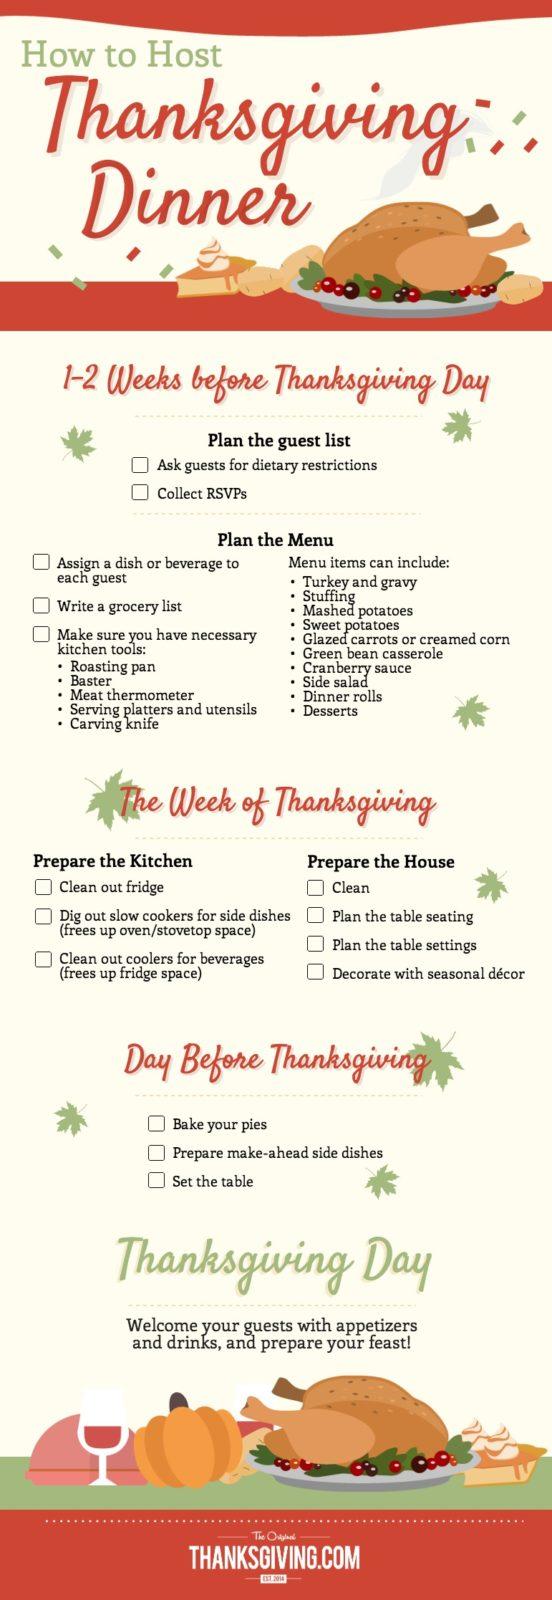 Timeline for hosting Thanksgiving dinner from Thanksgiving.com